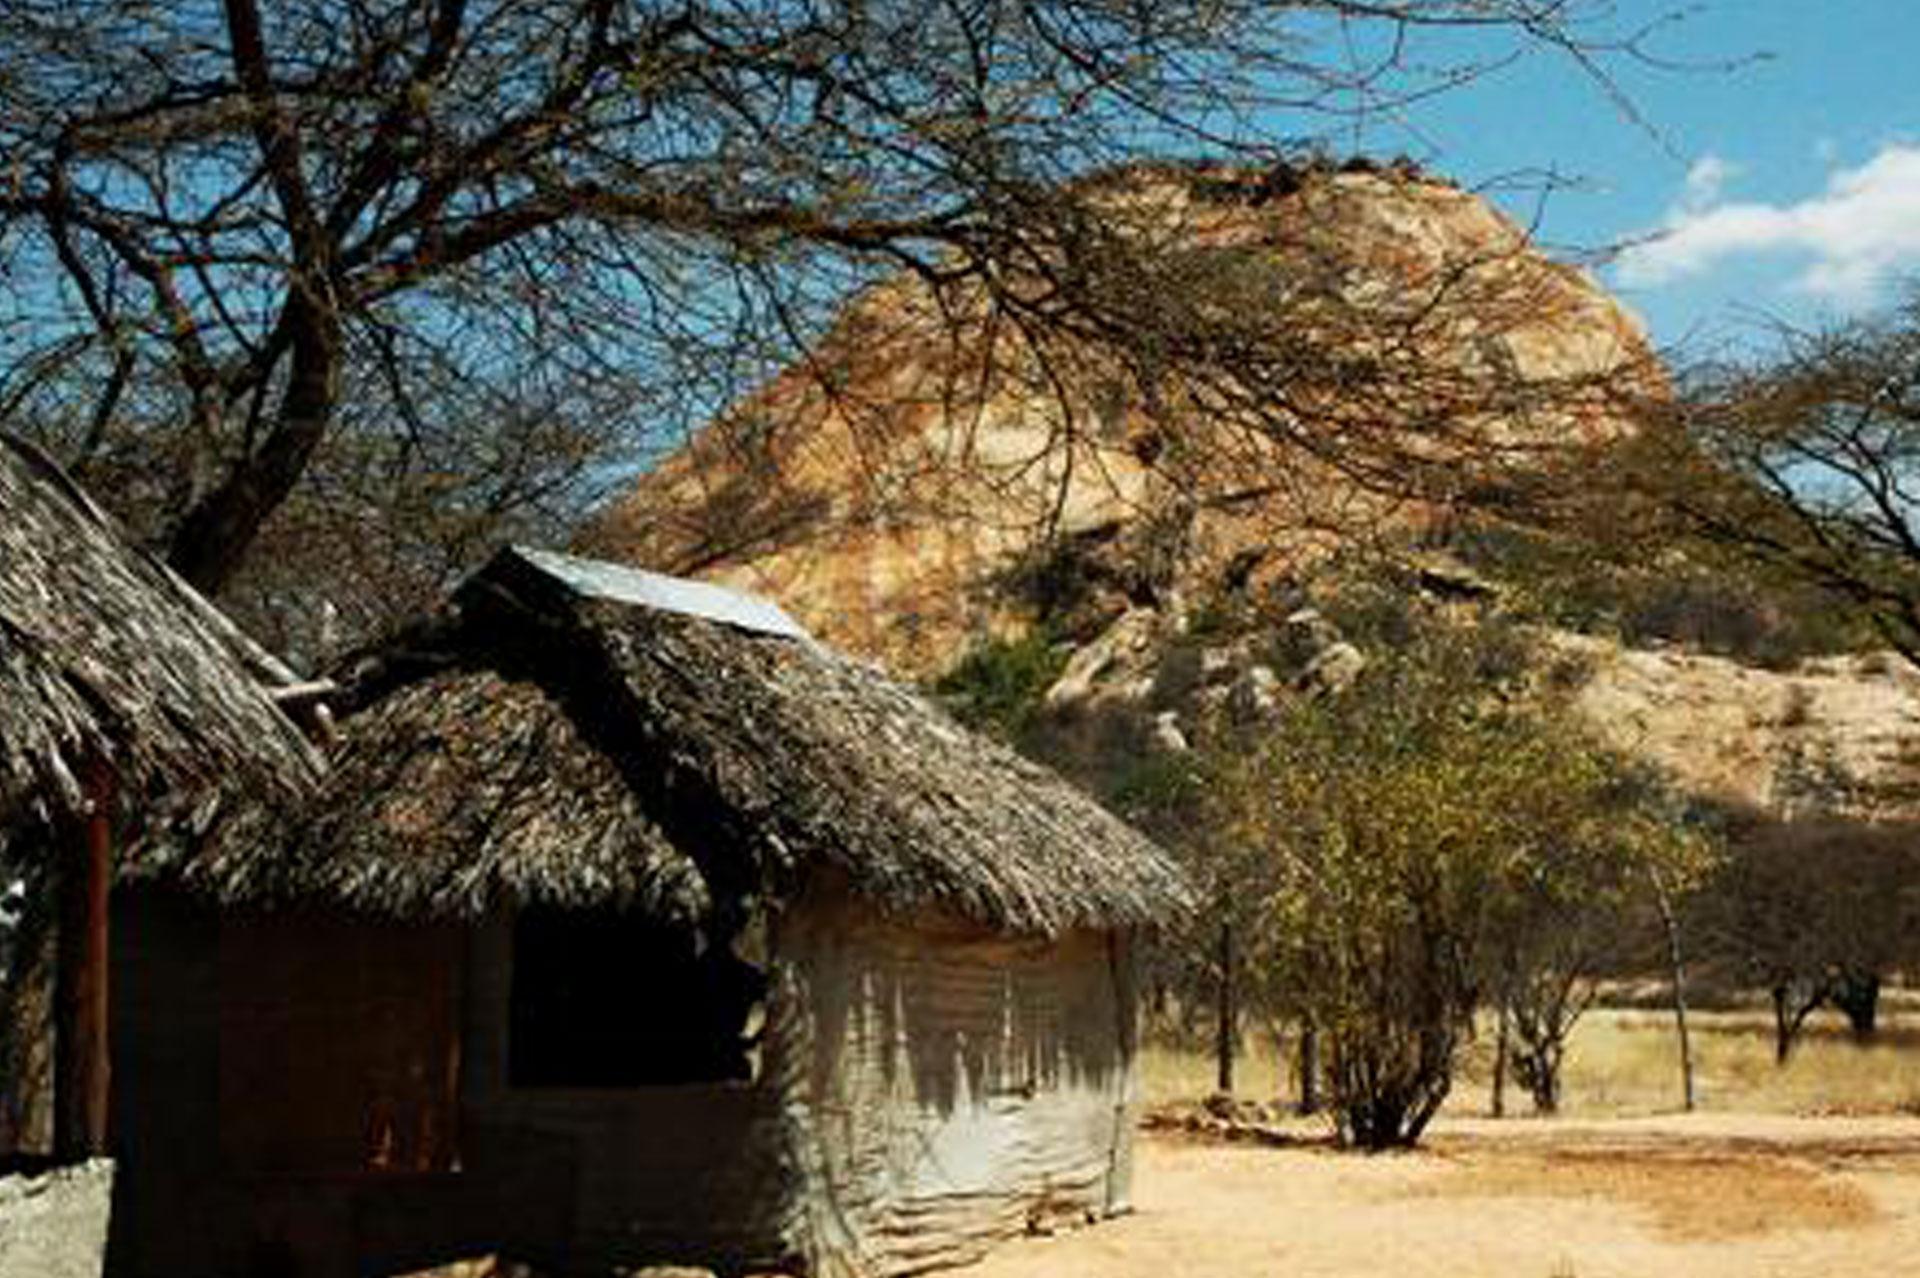 Diani_travel_center_National_Parks_in_Kenya_kora_National_park_image_2